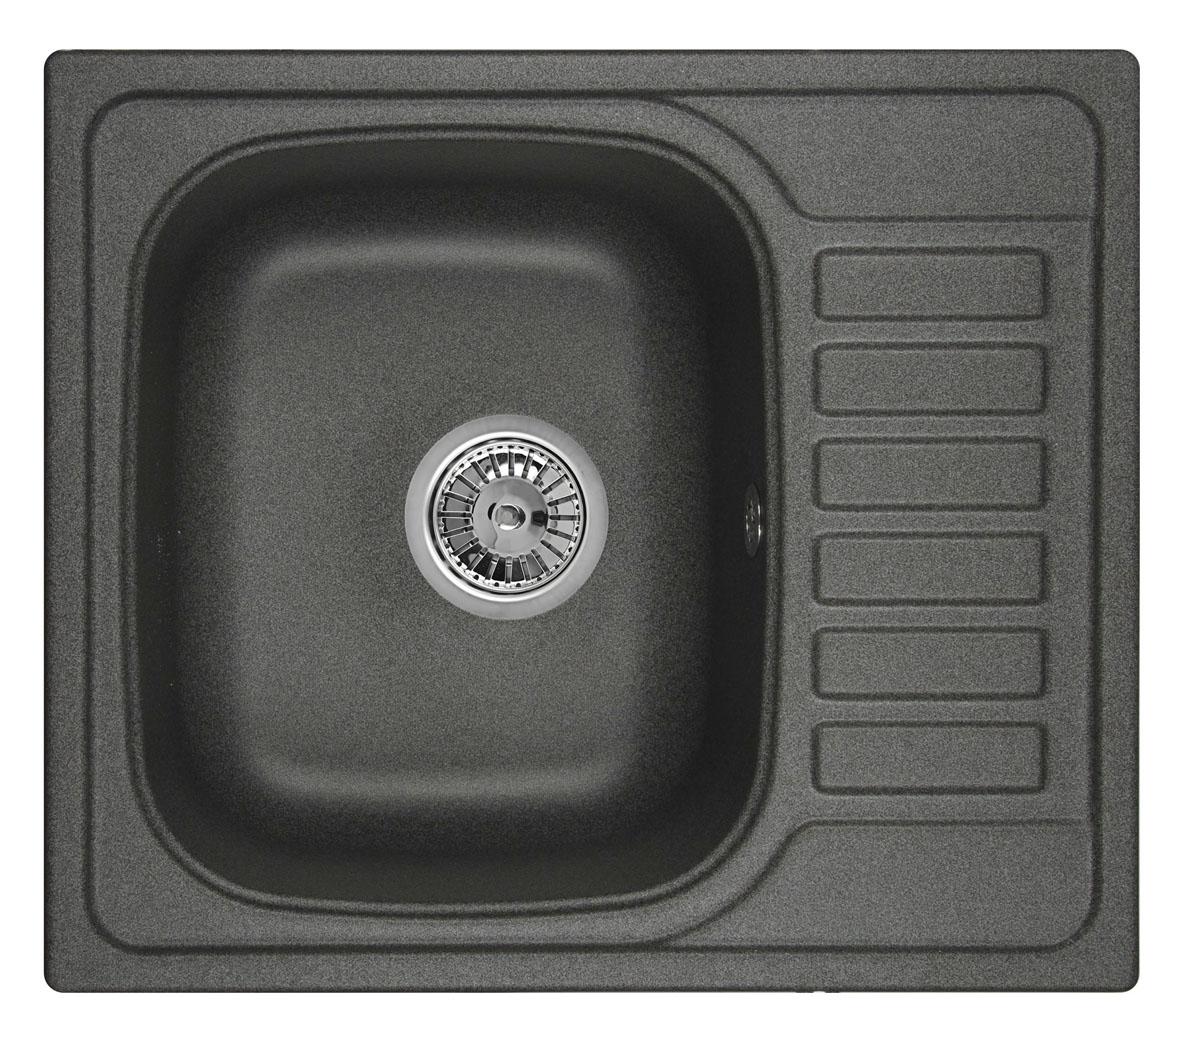 Мойка кухонная Granula Gr-5801 чехлы для телефонов skinbox накладка для asus zenfone 3 ze520kl skinbox серия 4people защитная пленка в комплекте